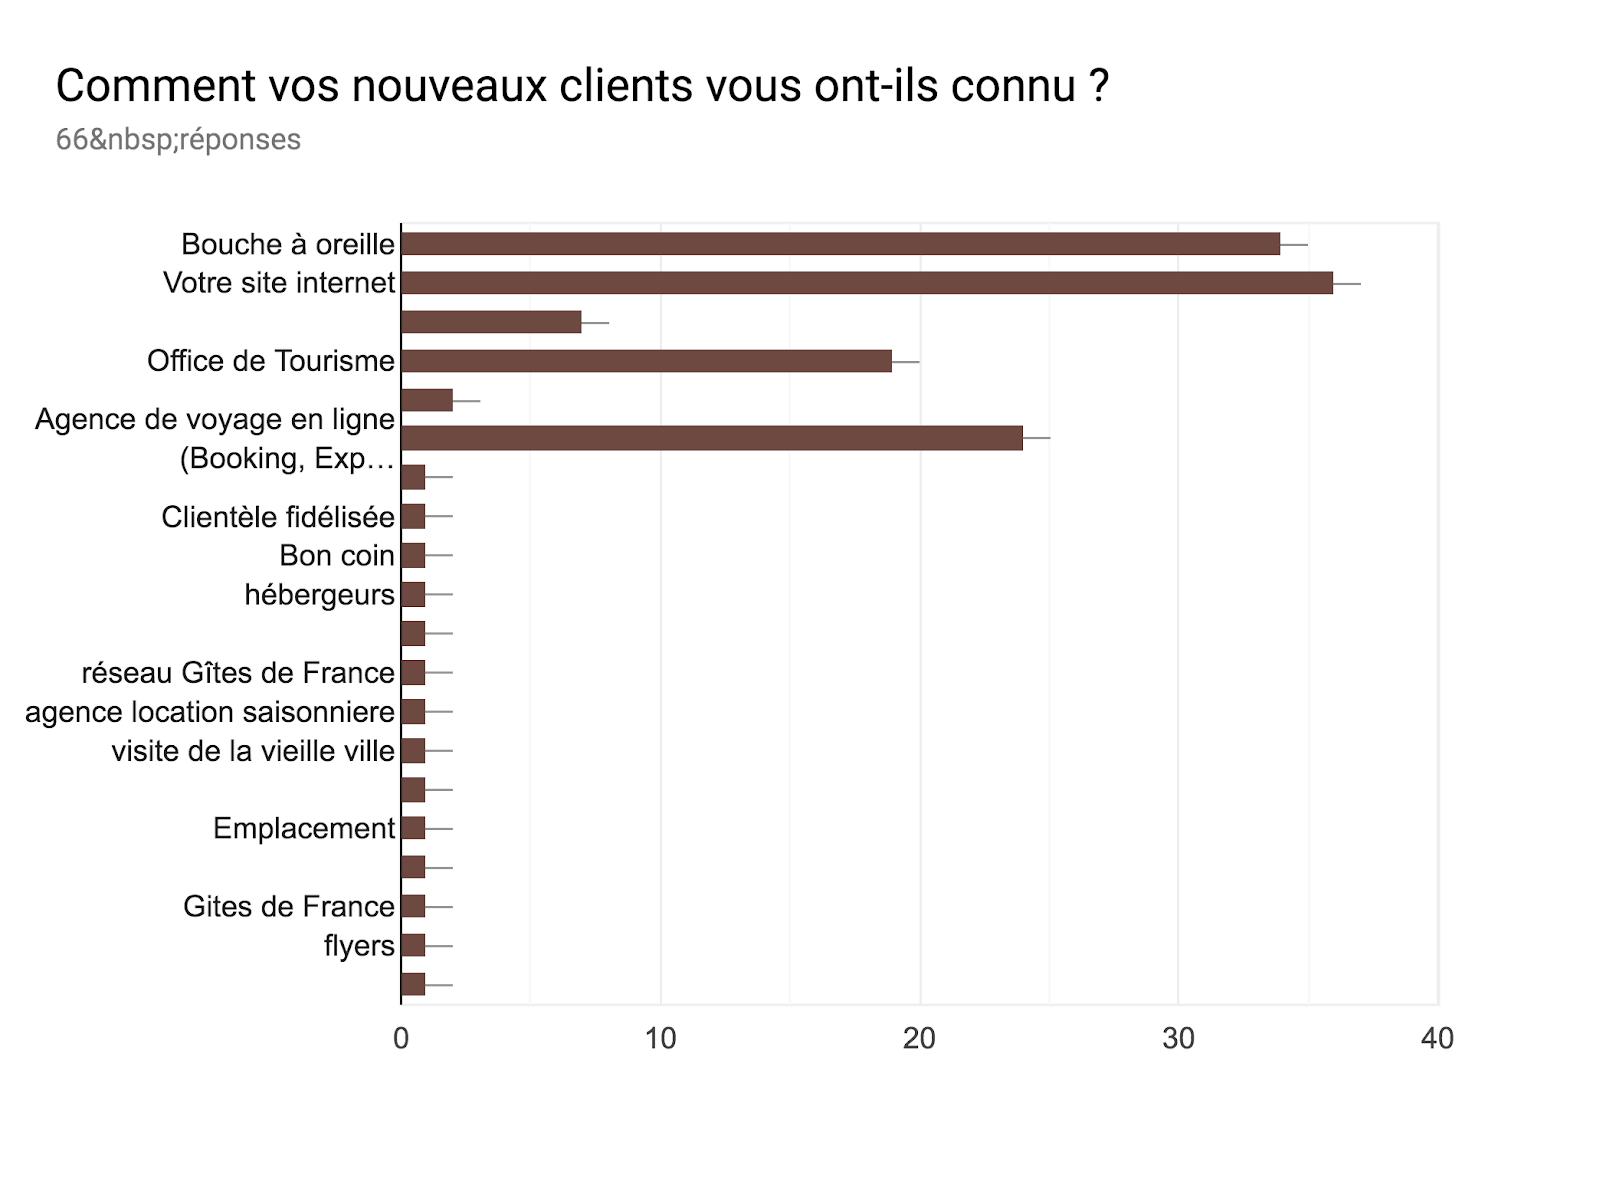 Tableau des réponses au formulaire Forms. Titre de la question: Comment vos nouveaux clients vous ont-ils connu ?. Nombre de réponses: 66réponses.